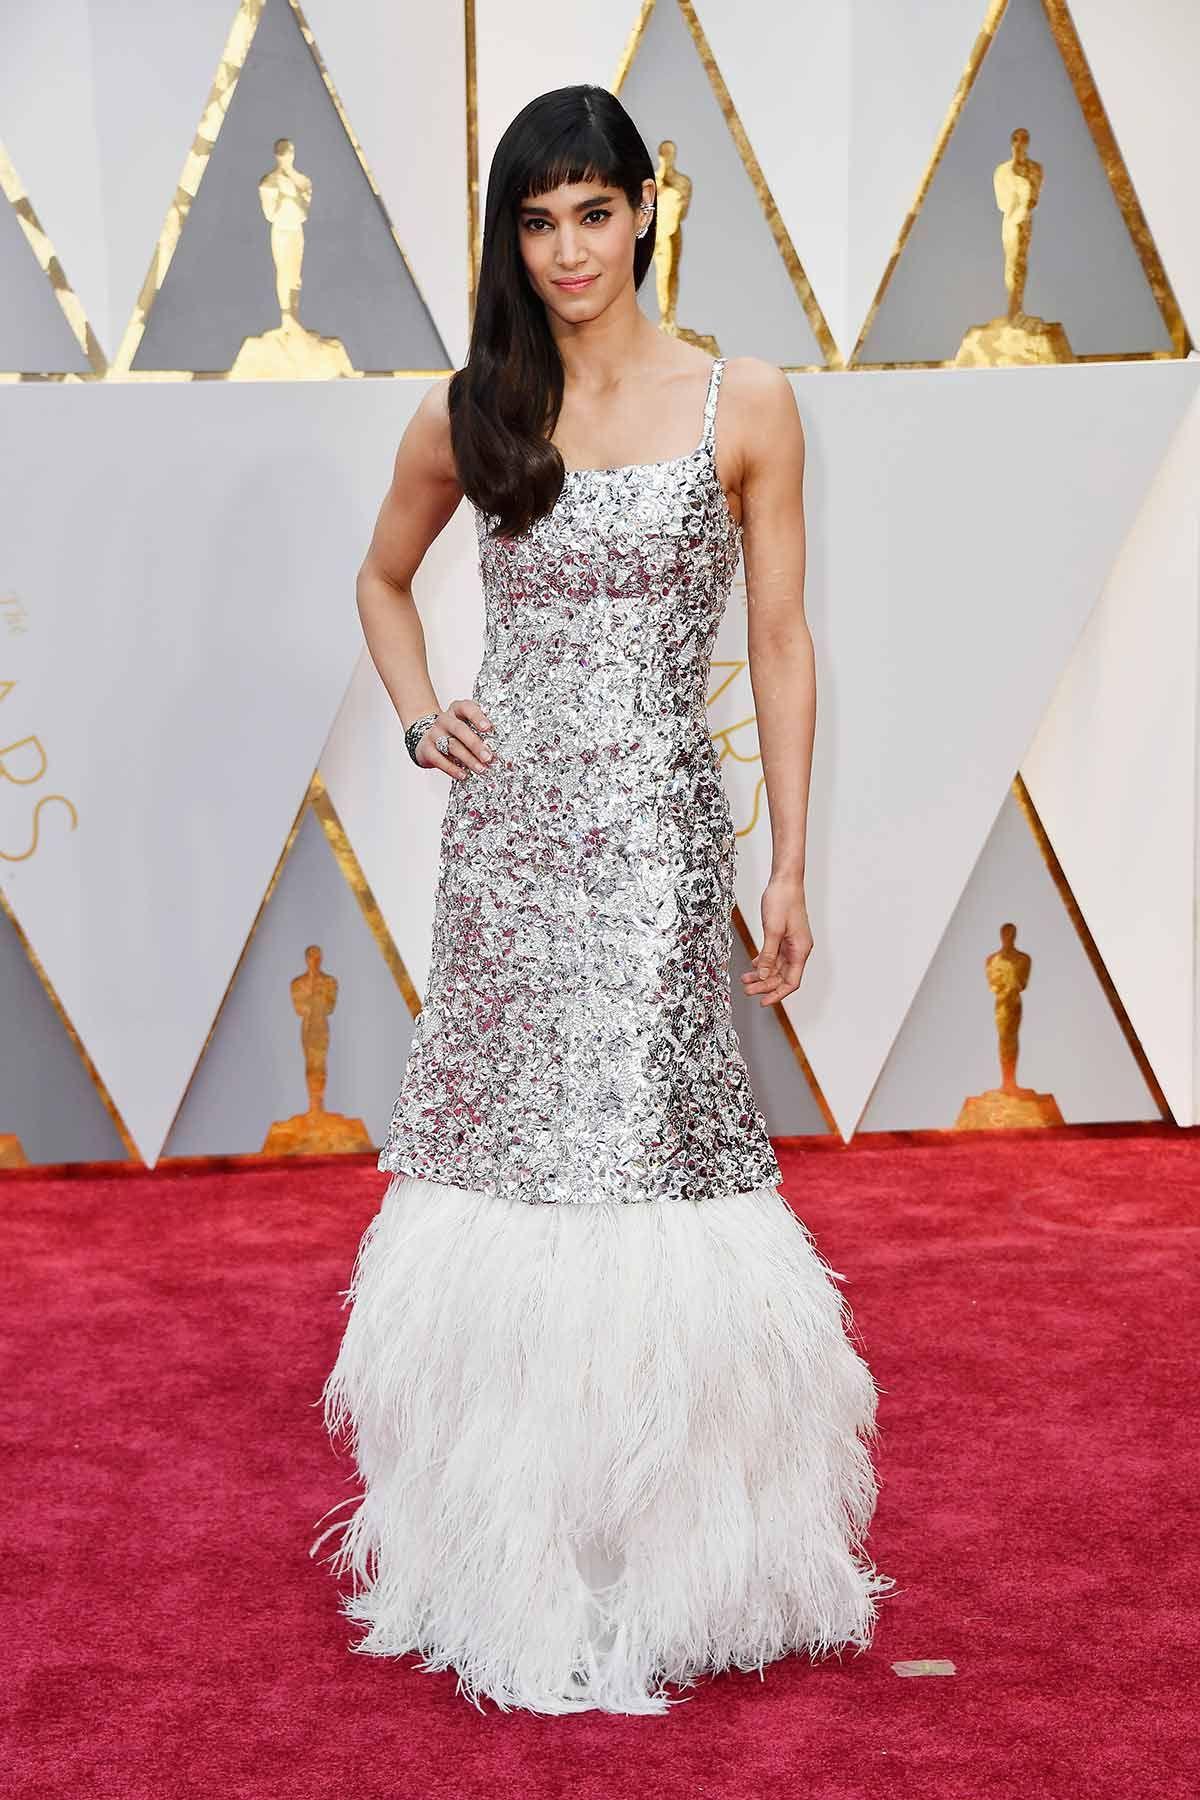 La alfombra roja de los premios Oscar 2017 © Getty Images